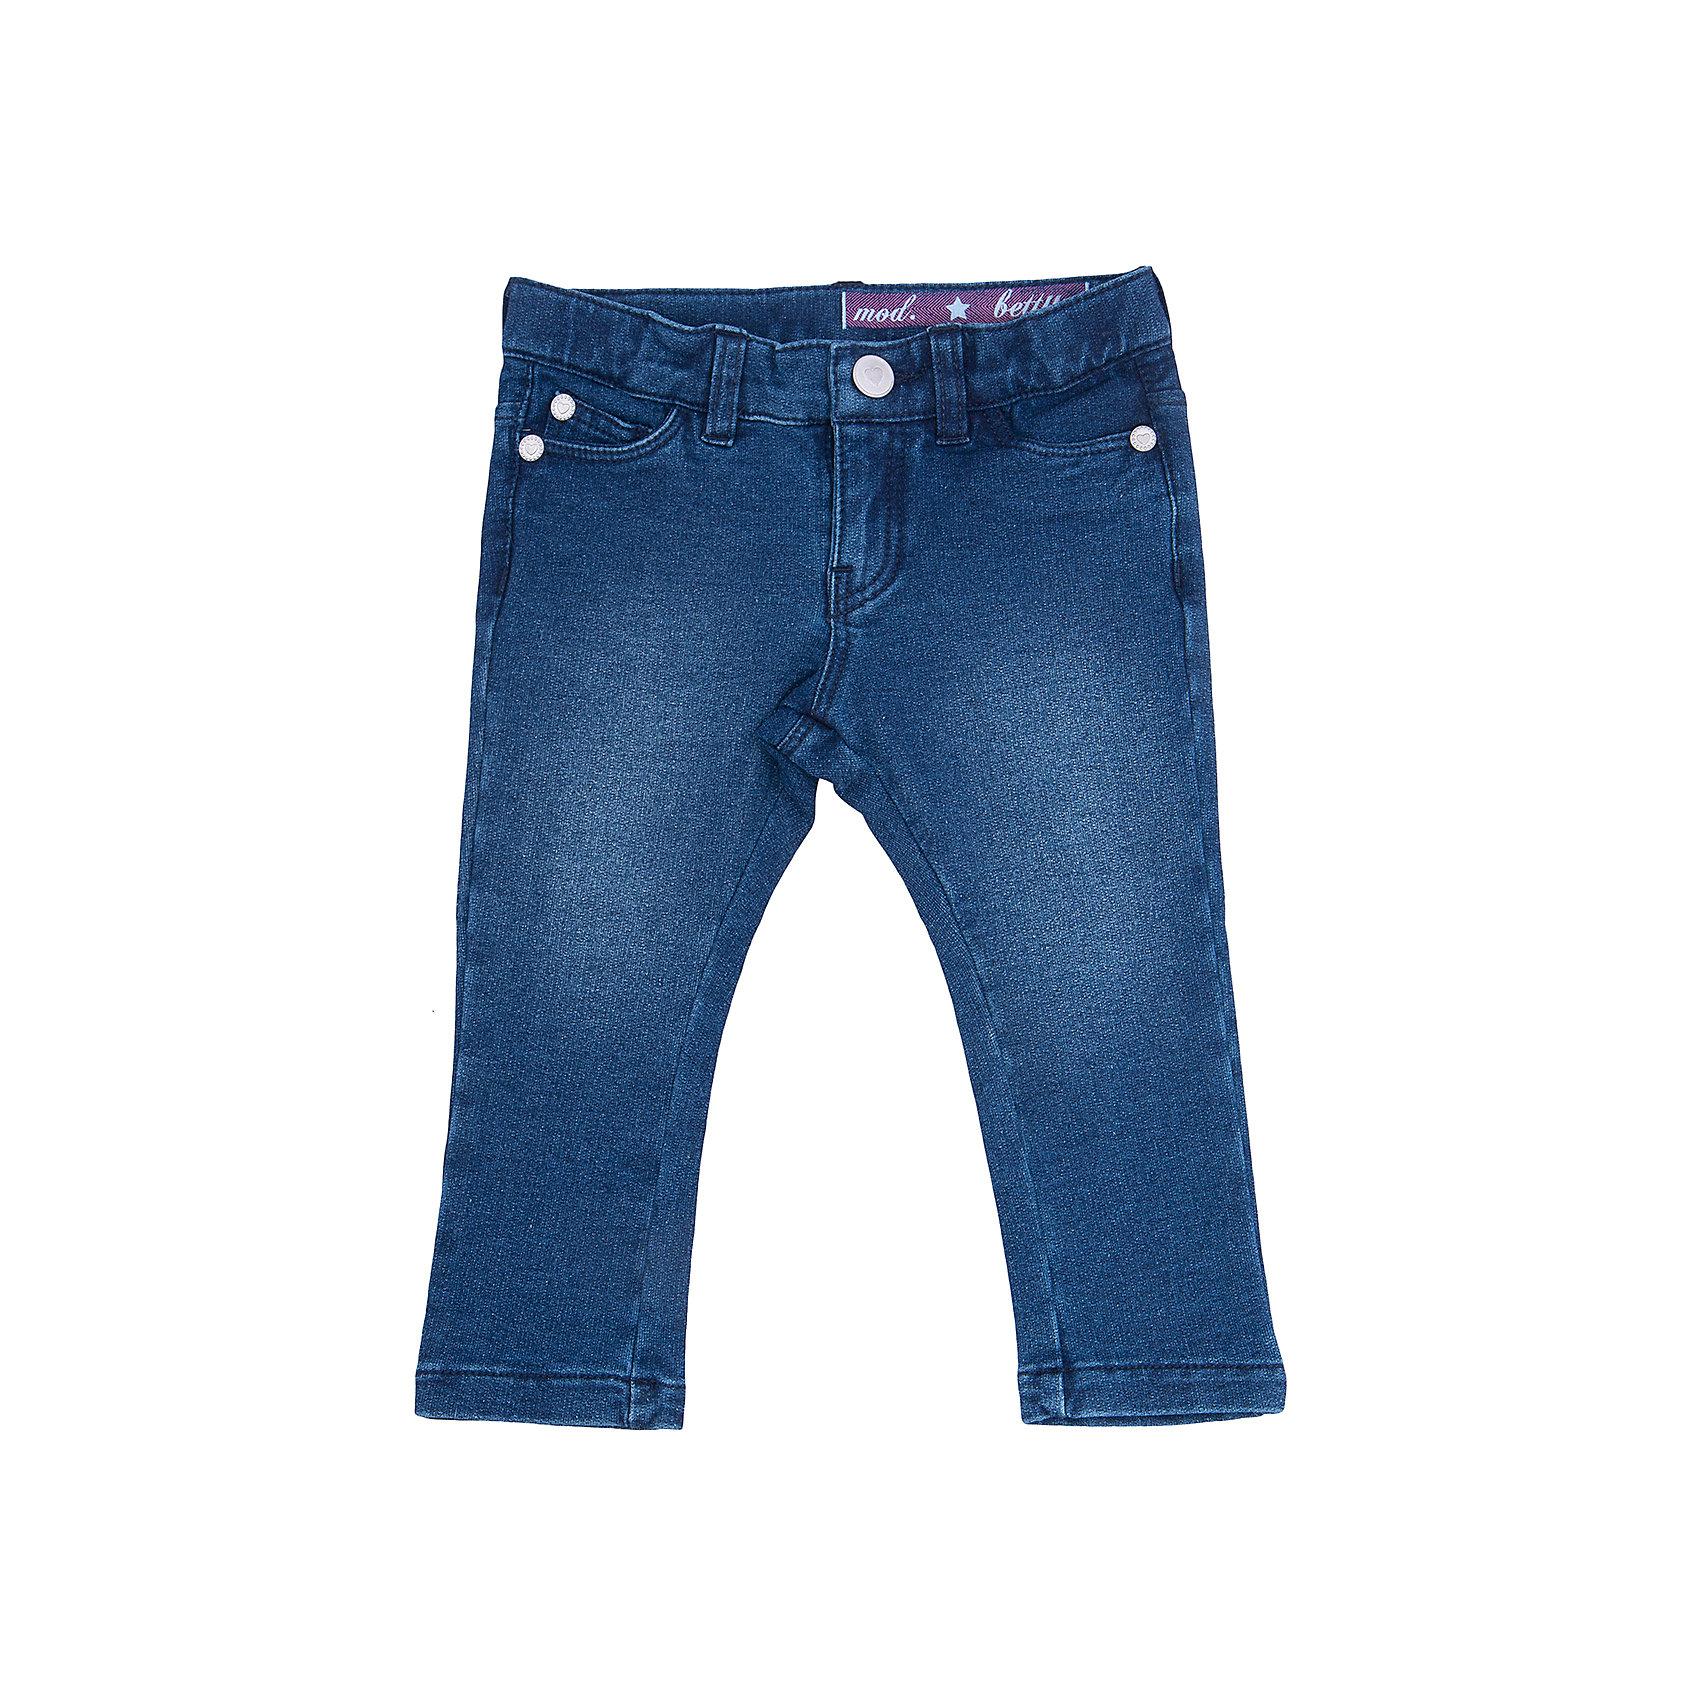 Брюки  для девочки CHICCOДжинсовая одежда<br>Джинсы CHICCO для девочки<br><br>Характеристики:<br><br>Фактура материала: джинсовый трикотаж<br>Особенности брюк: зауженные<br>Тип брюк: обхват талии регулируется, есть пуговица и молния, есть шлевки - петельки для ремня<br>Тип карманов: карманы впереди и сзади<br>Вид отделки: фабричная потертость<br><br>Состав: 86% хлопок, 10% полиэстер, 4% эластан<br><br>Брюки CHICCO для девочки можно купить в нашем интернет-магазине.<br><br>Ширина мм: 215<br>Глубина мм: 88<br>Высота мм: 191<br>Вес г: 336<br>Цвет: синий<br>Возраст от месяцев: 12<br>Возраст до месяцев: 18<br>Пол: Женский<br>Возраст: Детский<br>Размер: 86,92,98,104,110,116,122,128,74,80<br>SKU: 5082672